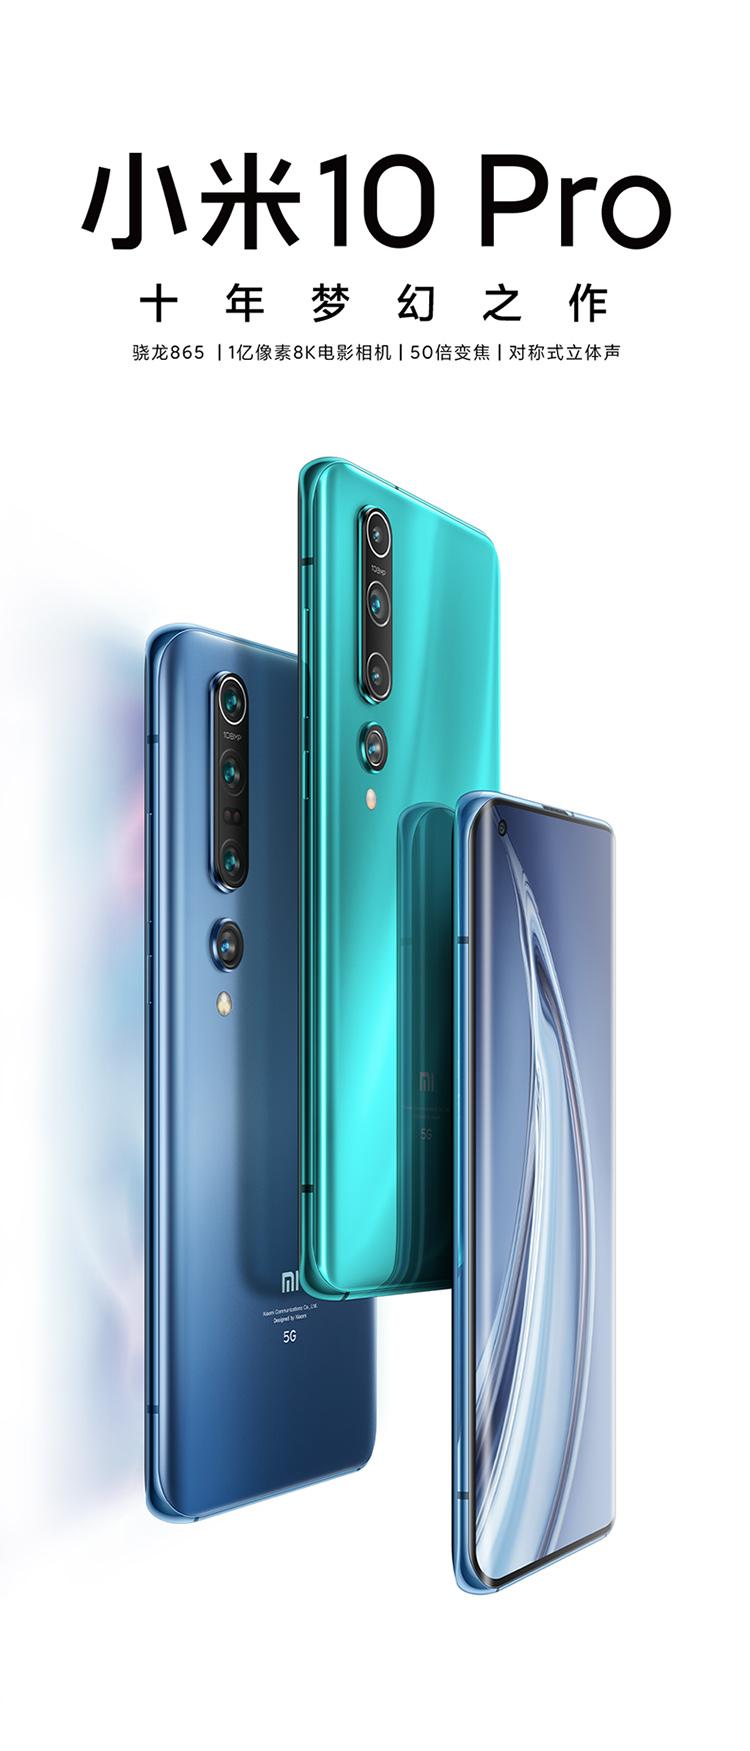 现货Xiaomi/小米 小米10 Pro官方全新骁龙865手机9旗舰小米10 5G